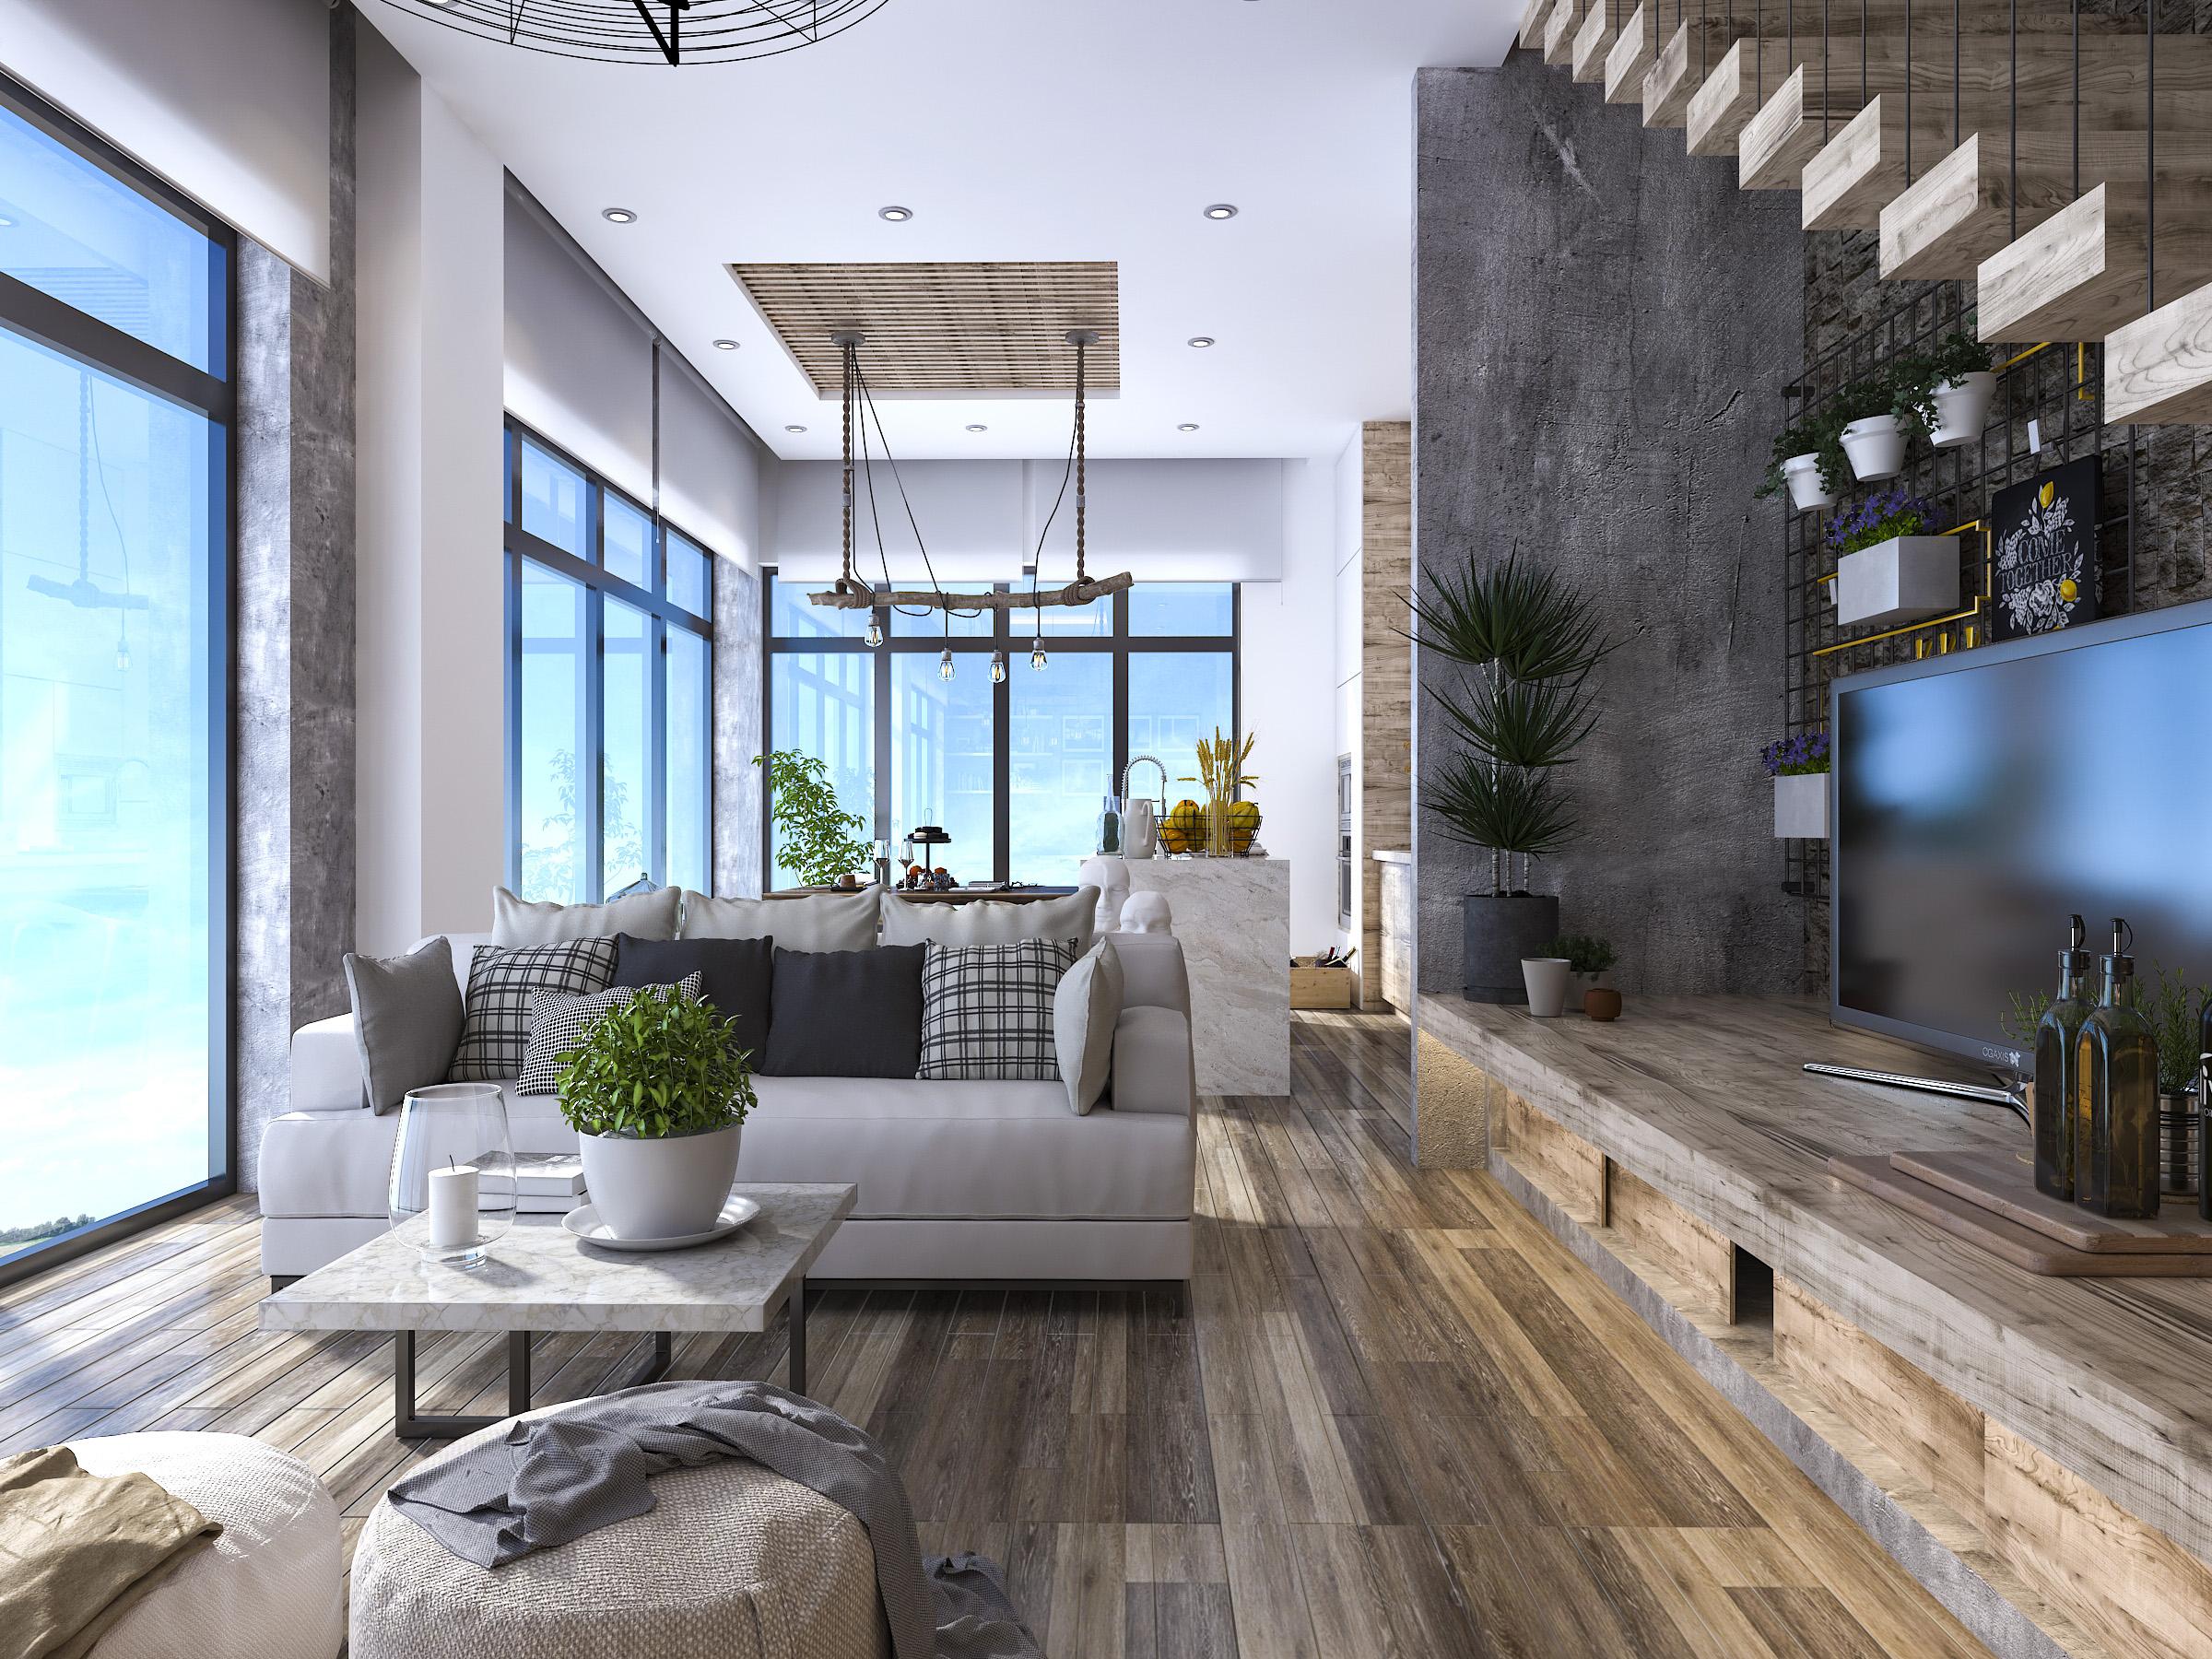 thiết kế nội thất Nhà tại Hồ Chí Minh Mr. Huy House 4 1565771941